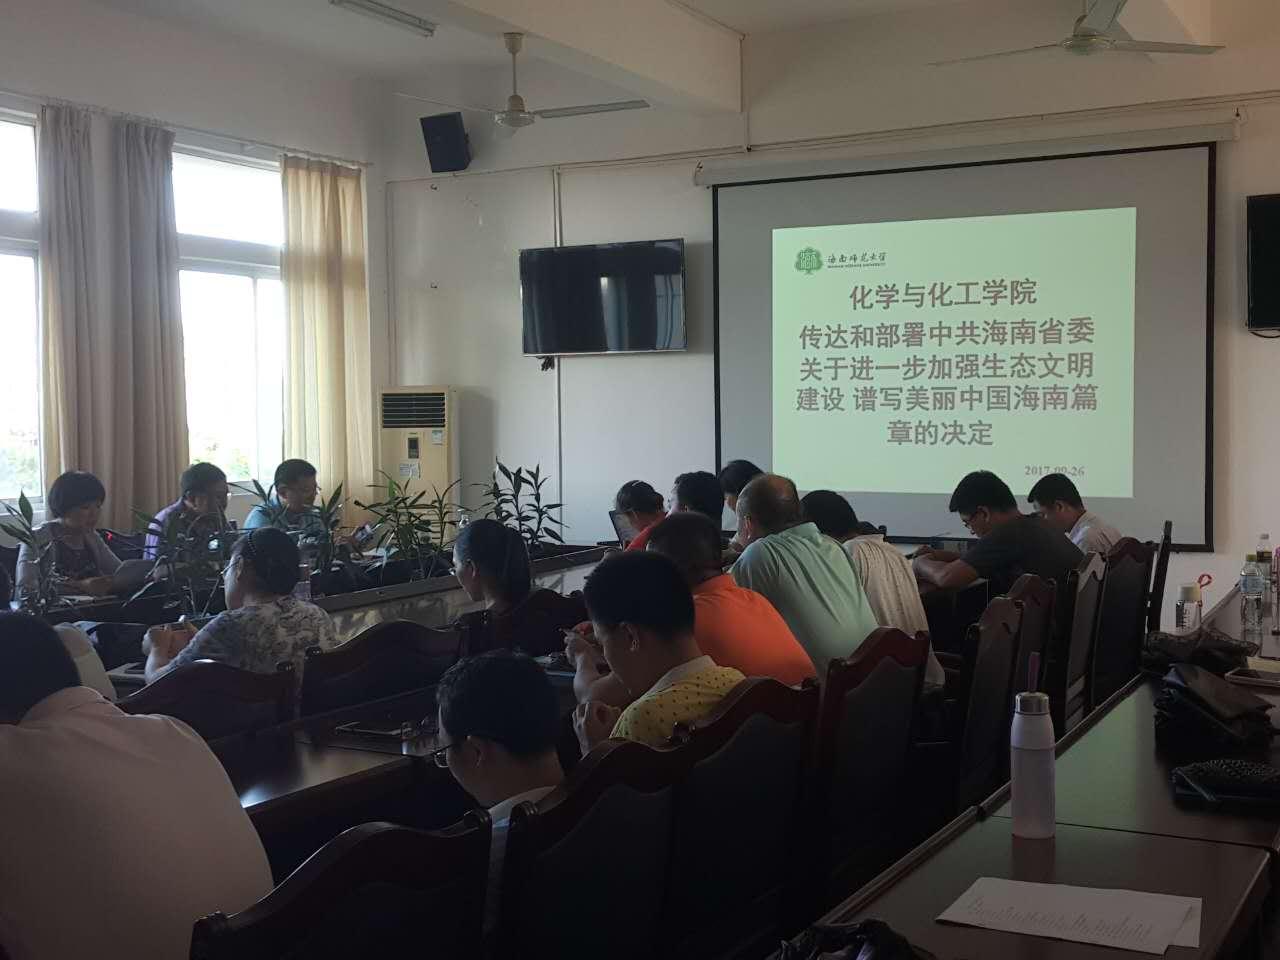 化学与化工学院传达和部署中共海南省委七届二次全会精神